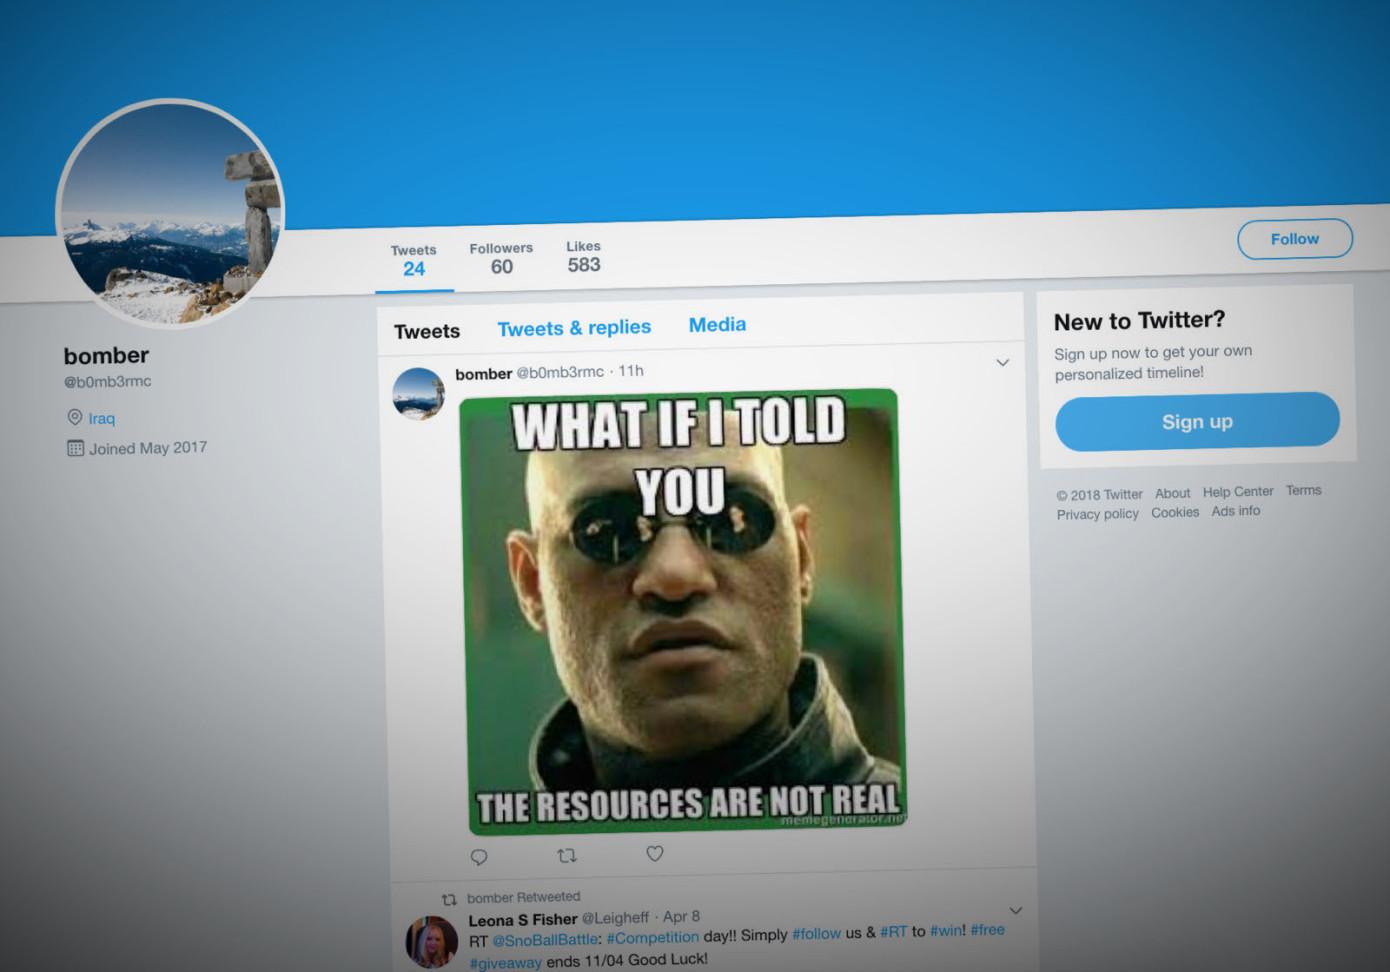 اكتشاف أكواد برمجية خبيثة في الصور الساخرة على تويتر تصل لبيانات المستخدمين